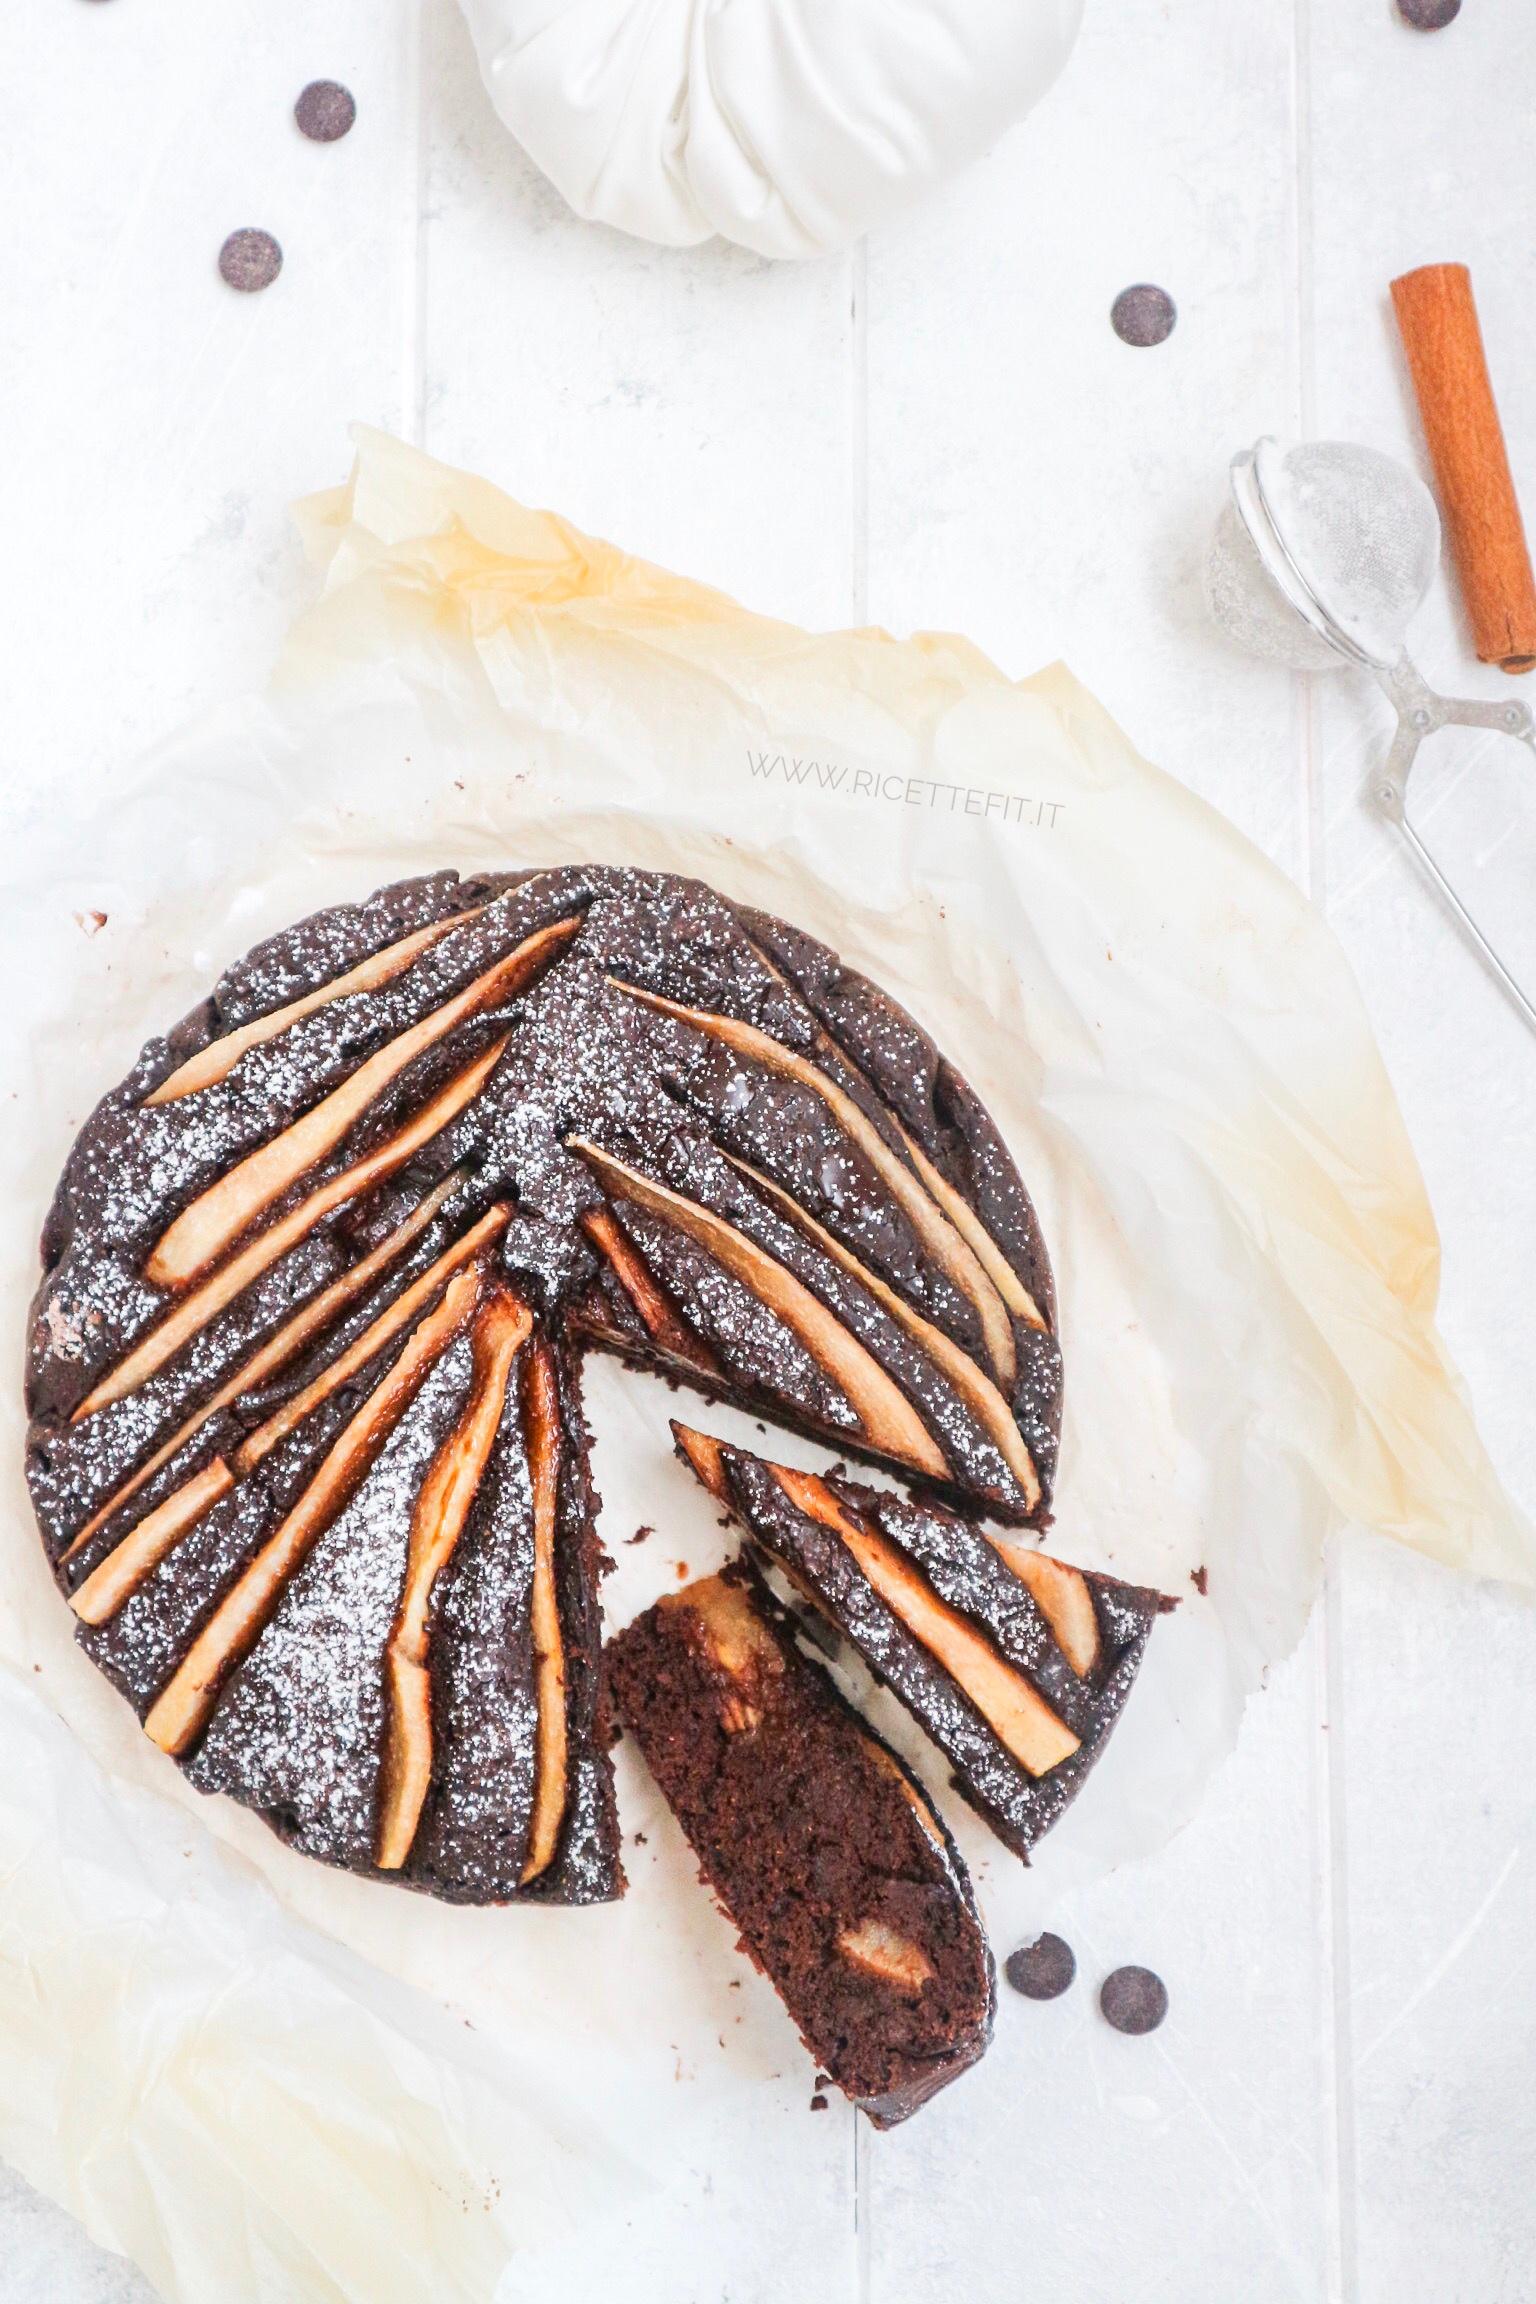 Torta cacao pere farina di castagne vegan e senza grassi di LA VIE EST FIT